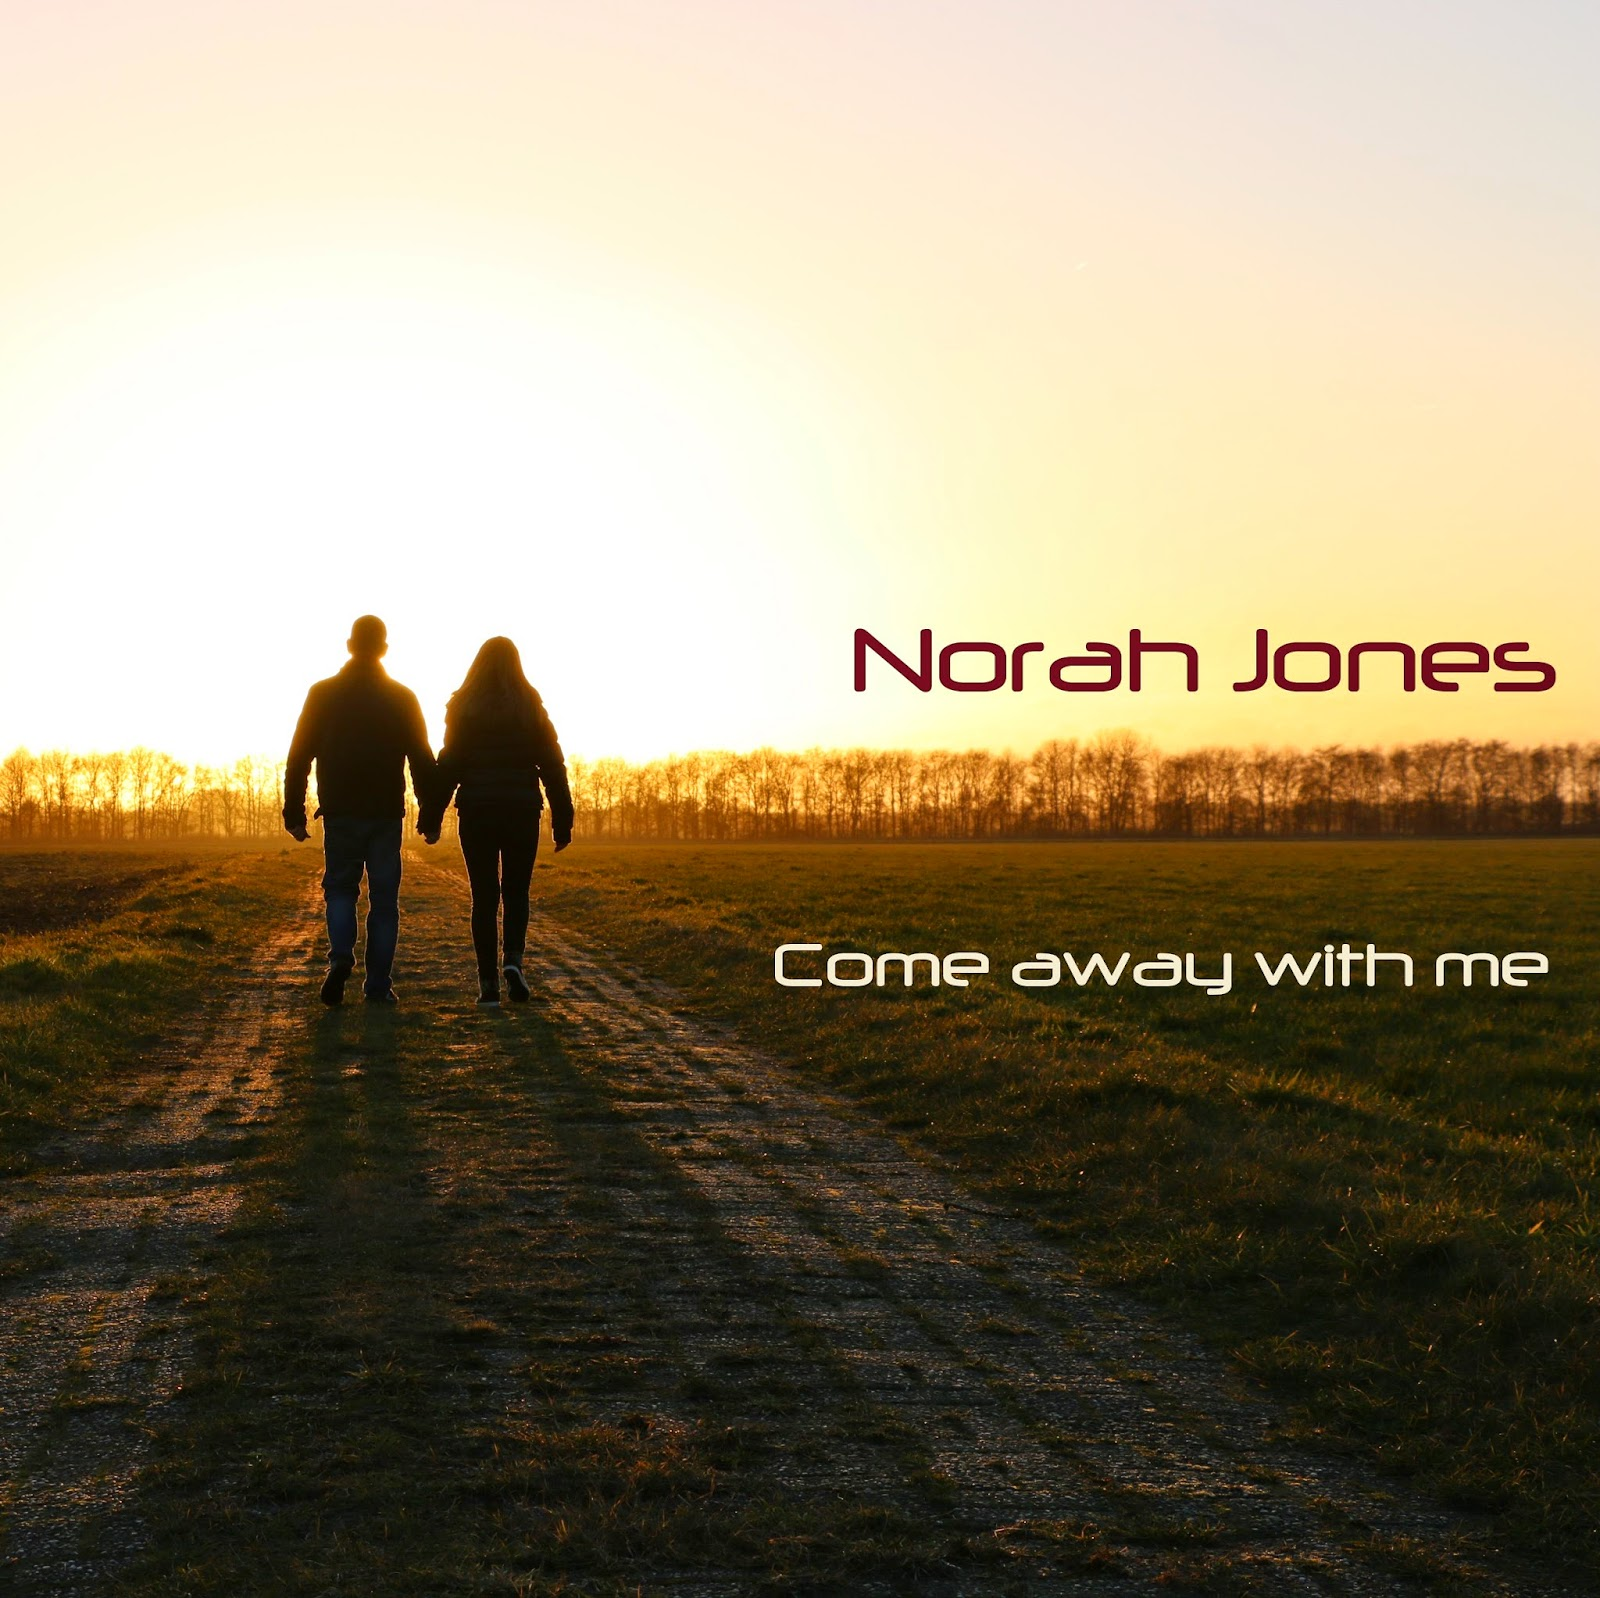 CD Hoesje Norah Jones - Come away with me - Links.jpg